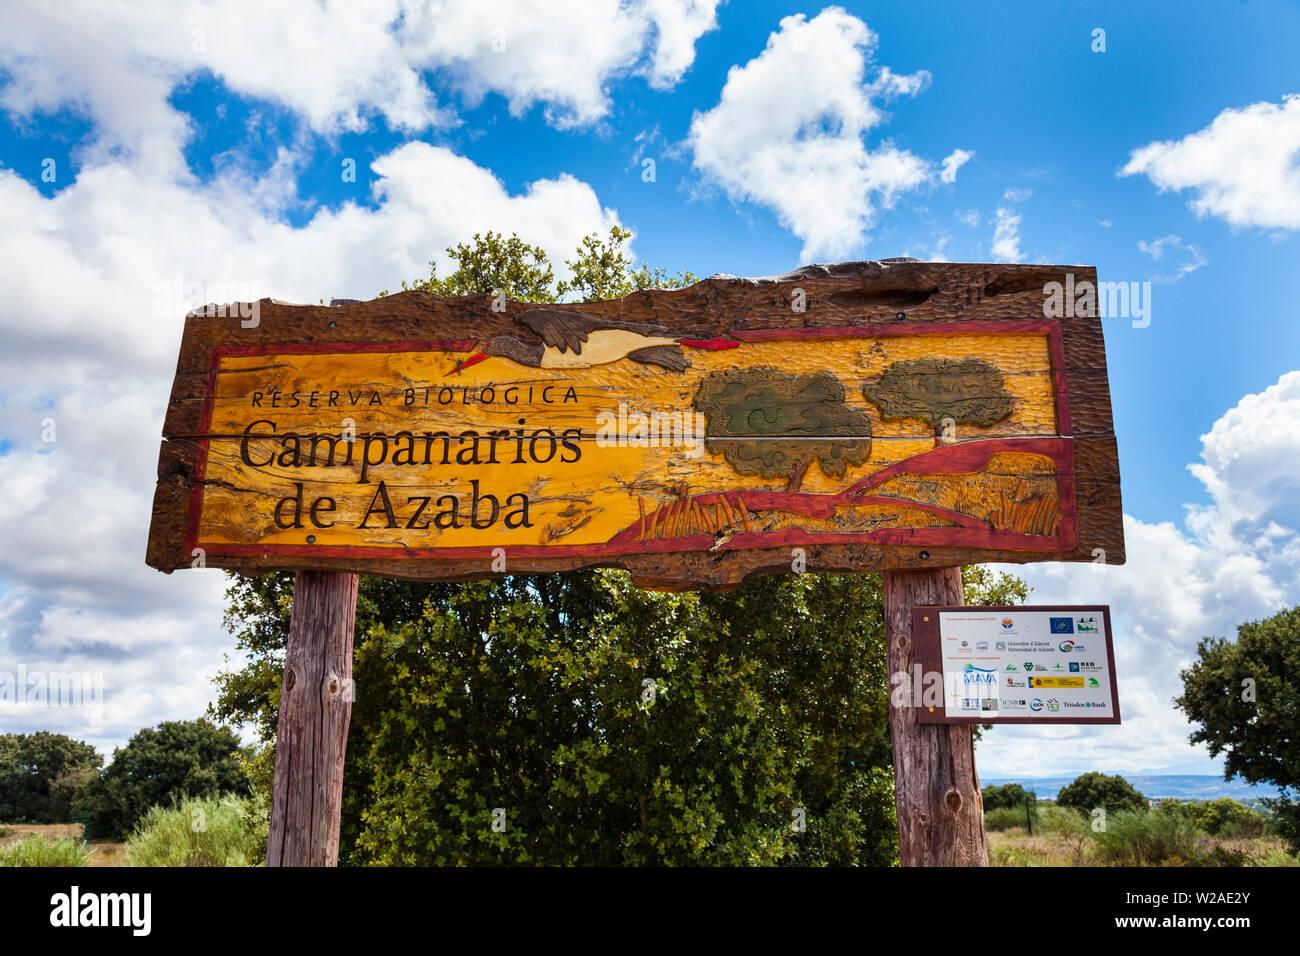 Campanarios de Azaba Biological Reserve, Salamanca, Castilla y Leon, Spain, Europe Stock Photo